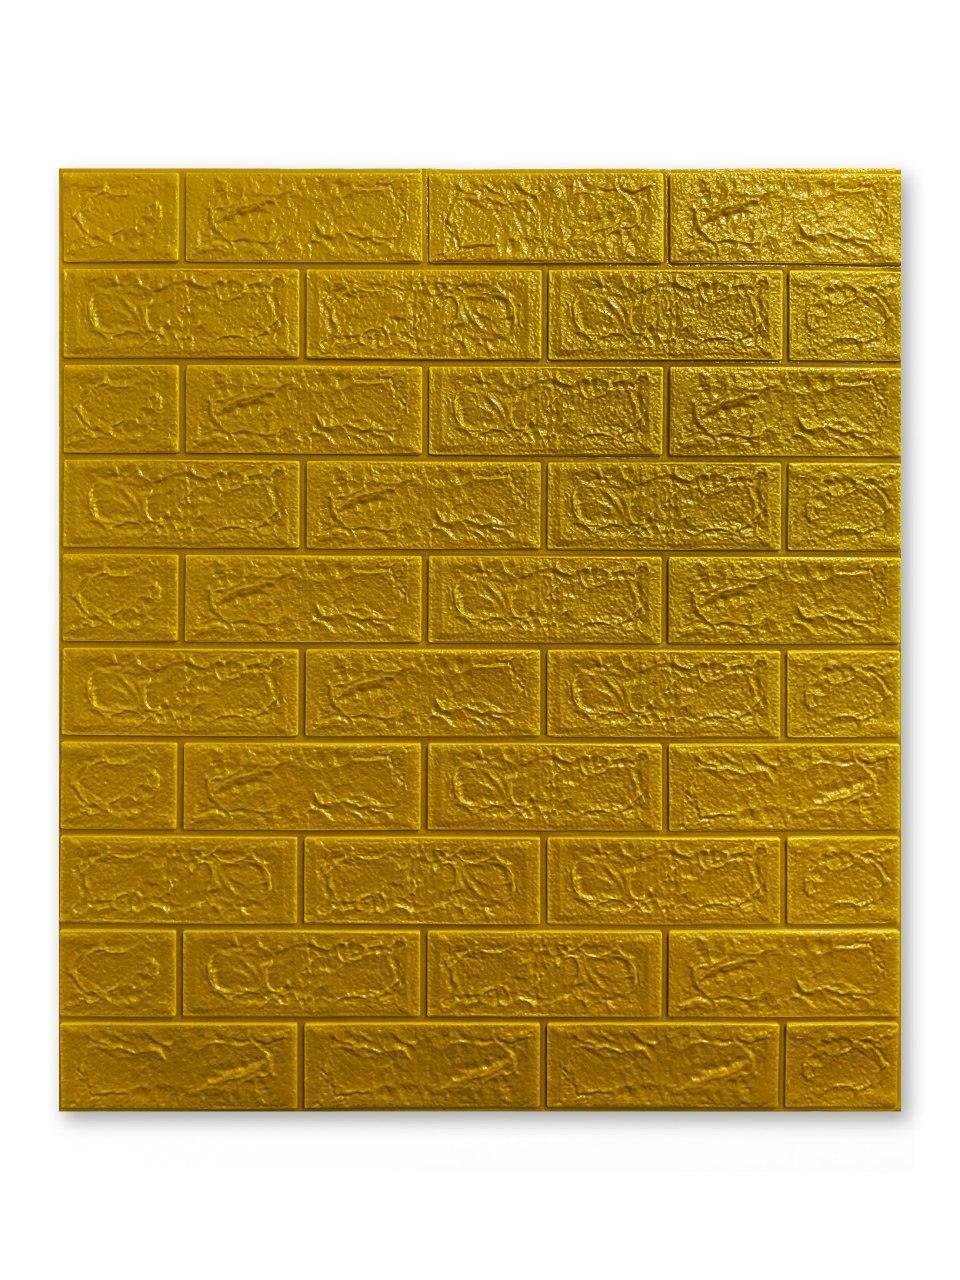 Самоклеющаяся декоративная 3D панель Кирпич Золото 700x770x5мм